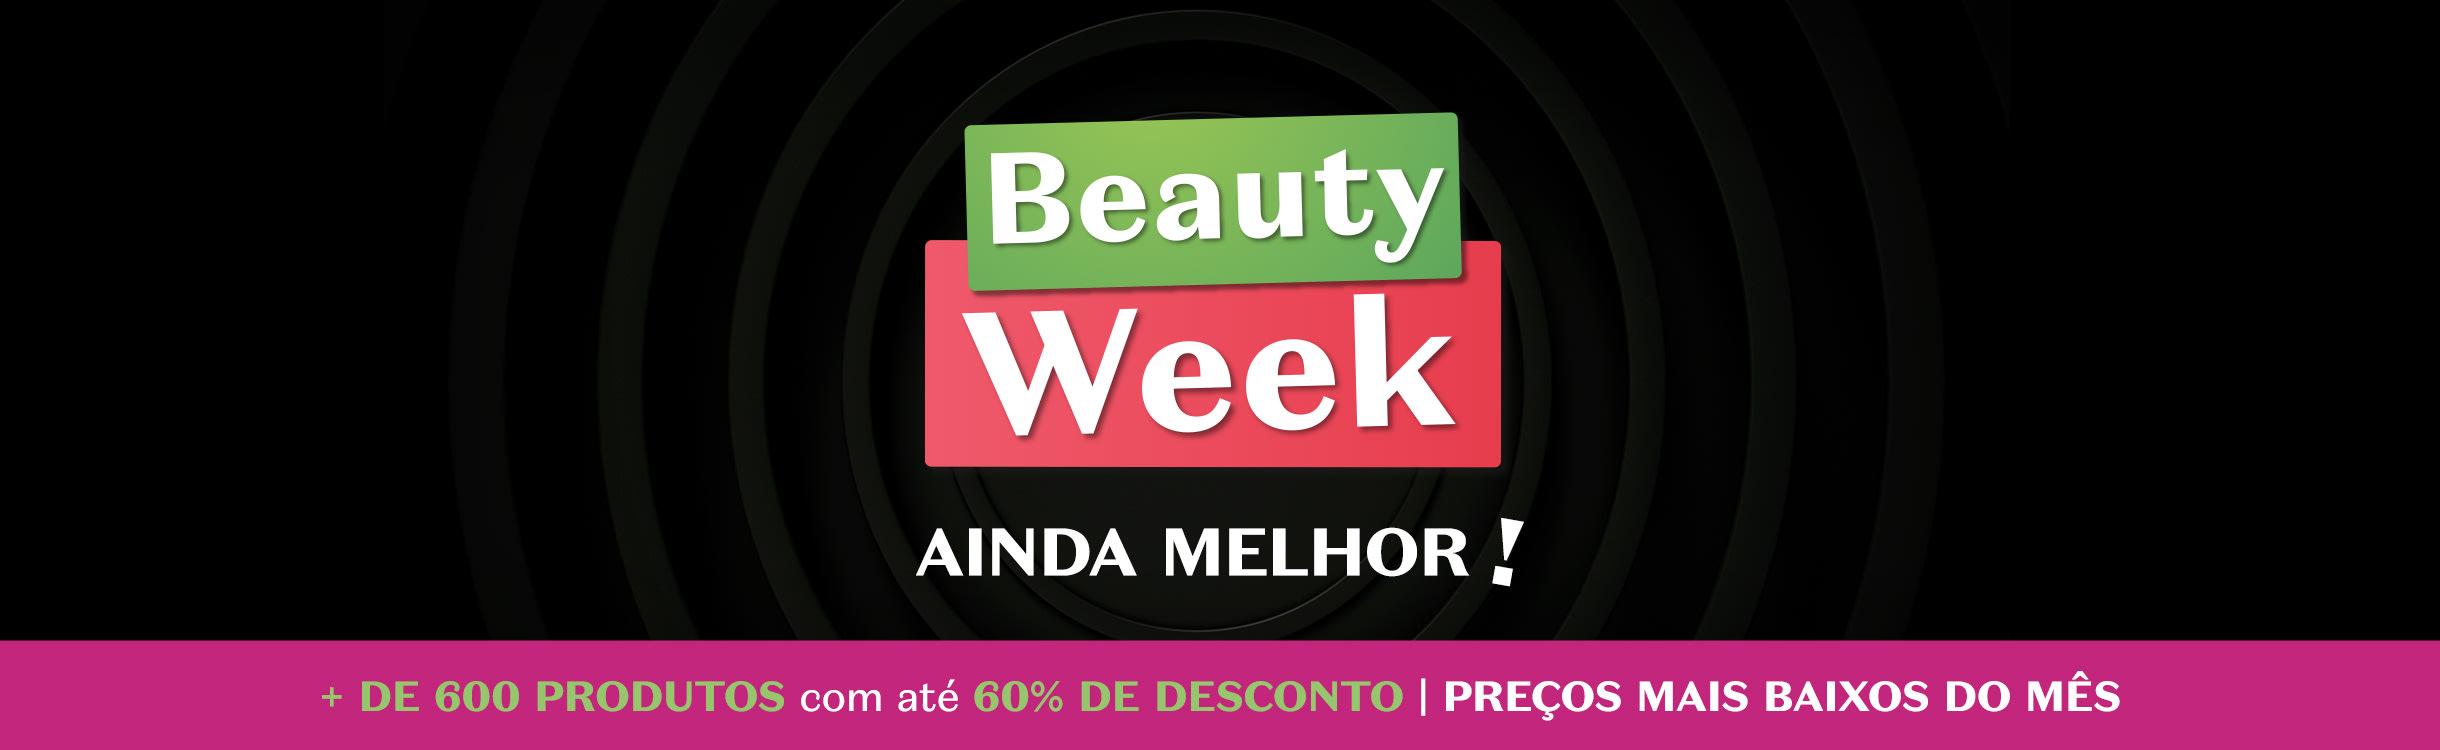 Já começou! Confira itens da Beauty Week de R$30 a R$49,90